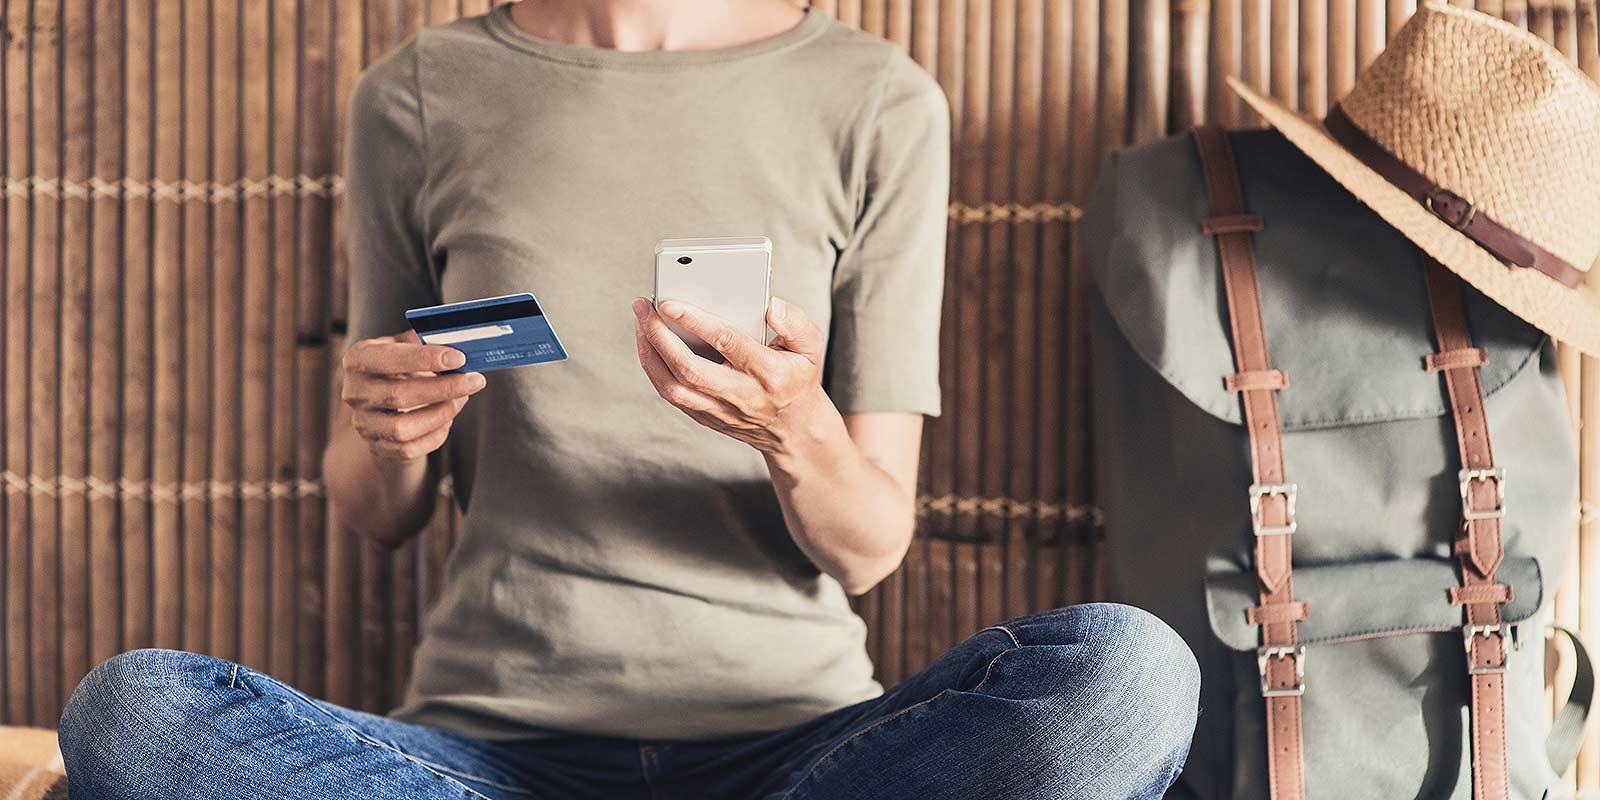 регистрация ип онлайн альфа банк